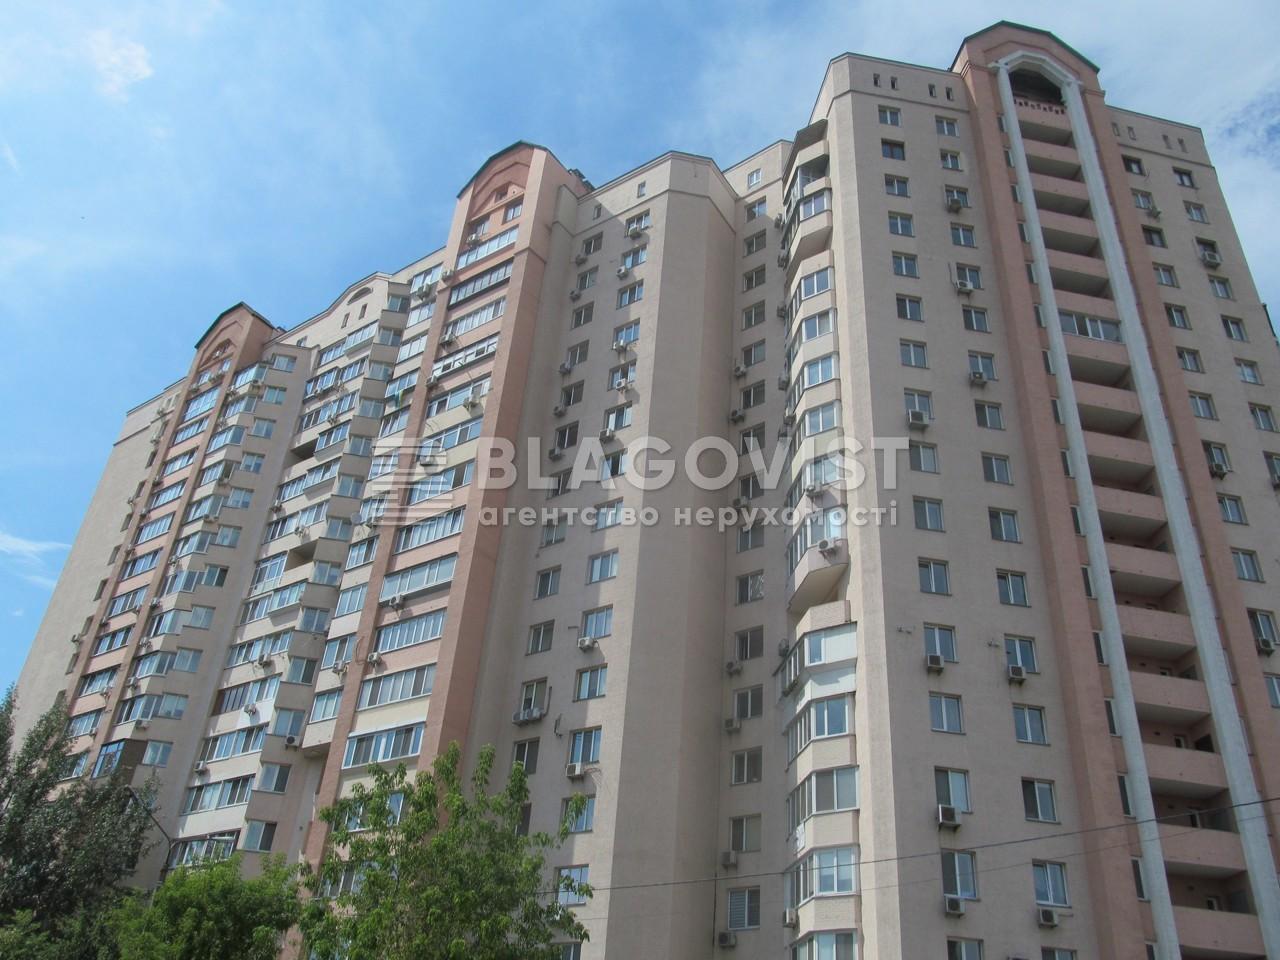 Квартира F-44647, Лебедєва-Кумача, 5, Київ - Фото 2